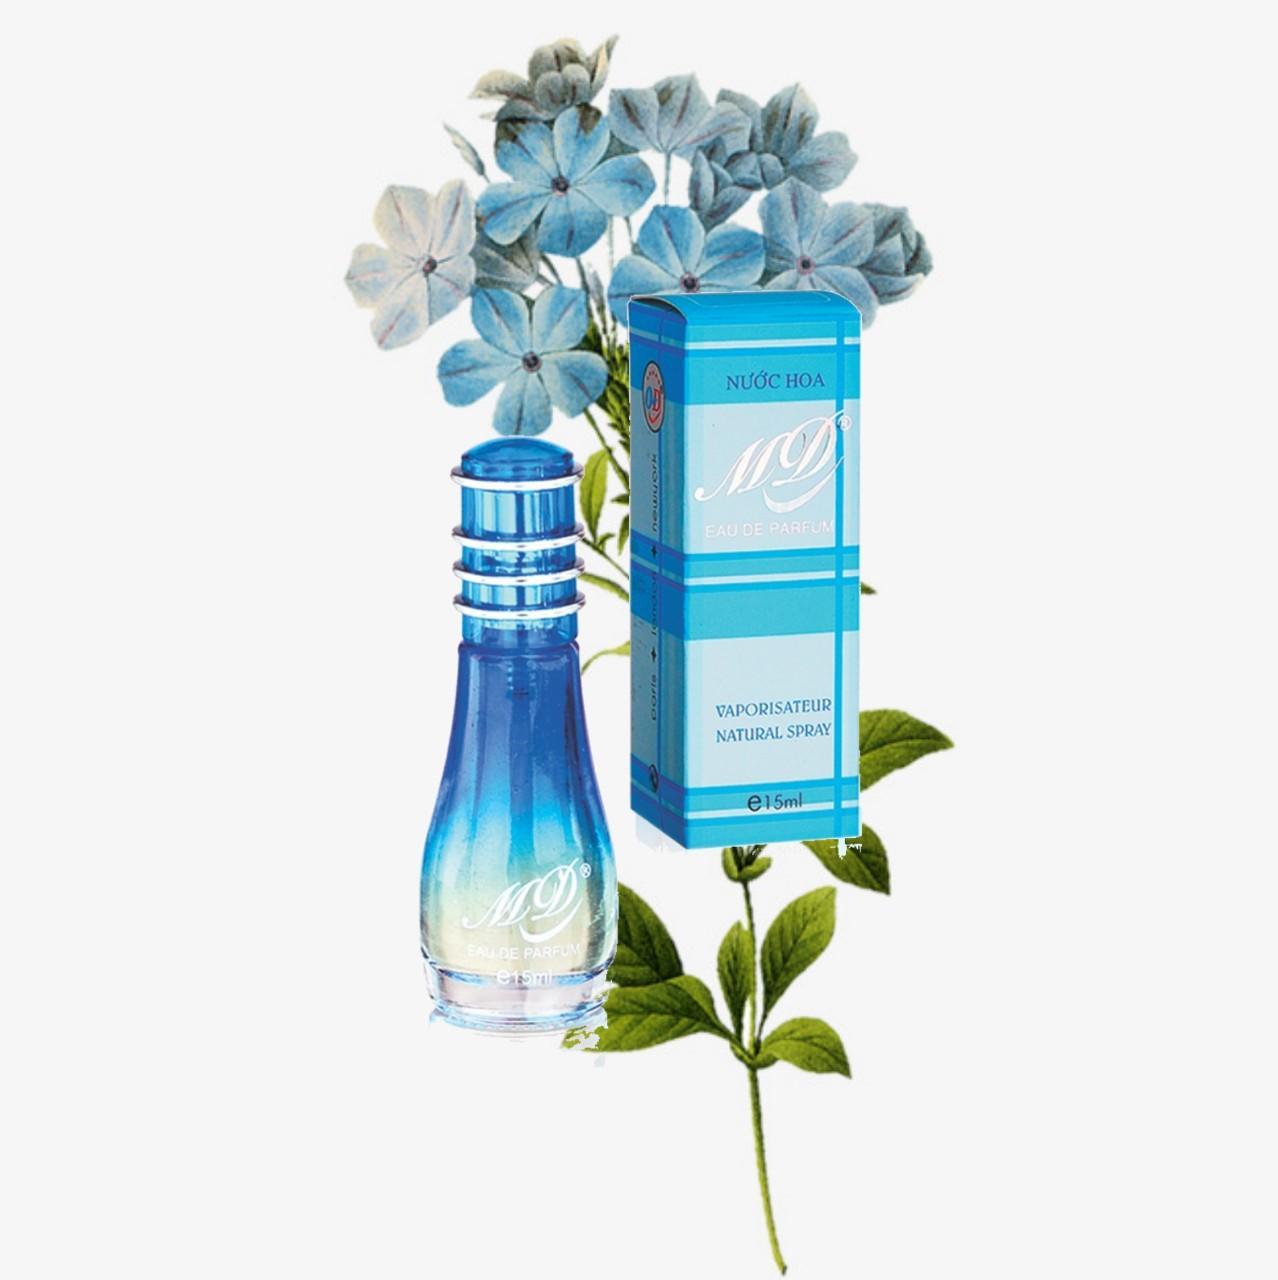 Nước hoa MD 15ml - Màu xanh